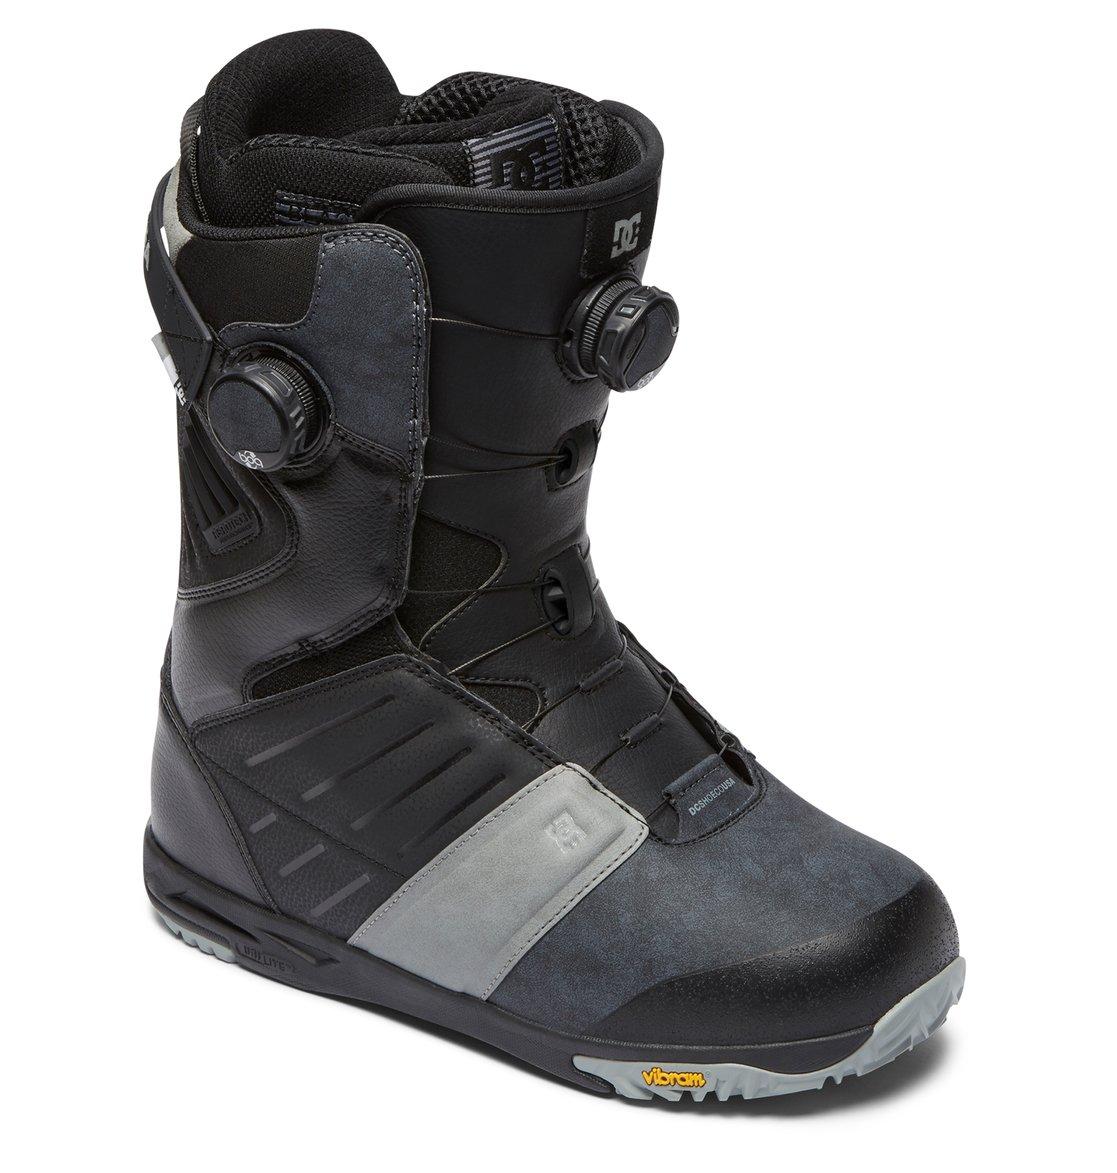 Judge De Snow Boa Pour Adyo100031Dc Shoes Homme Boots XilPTwOkZu